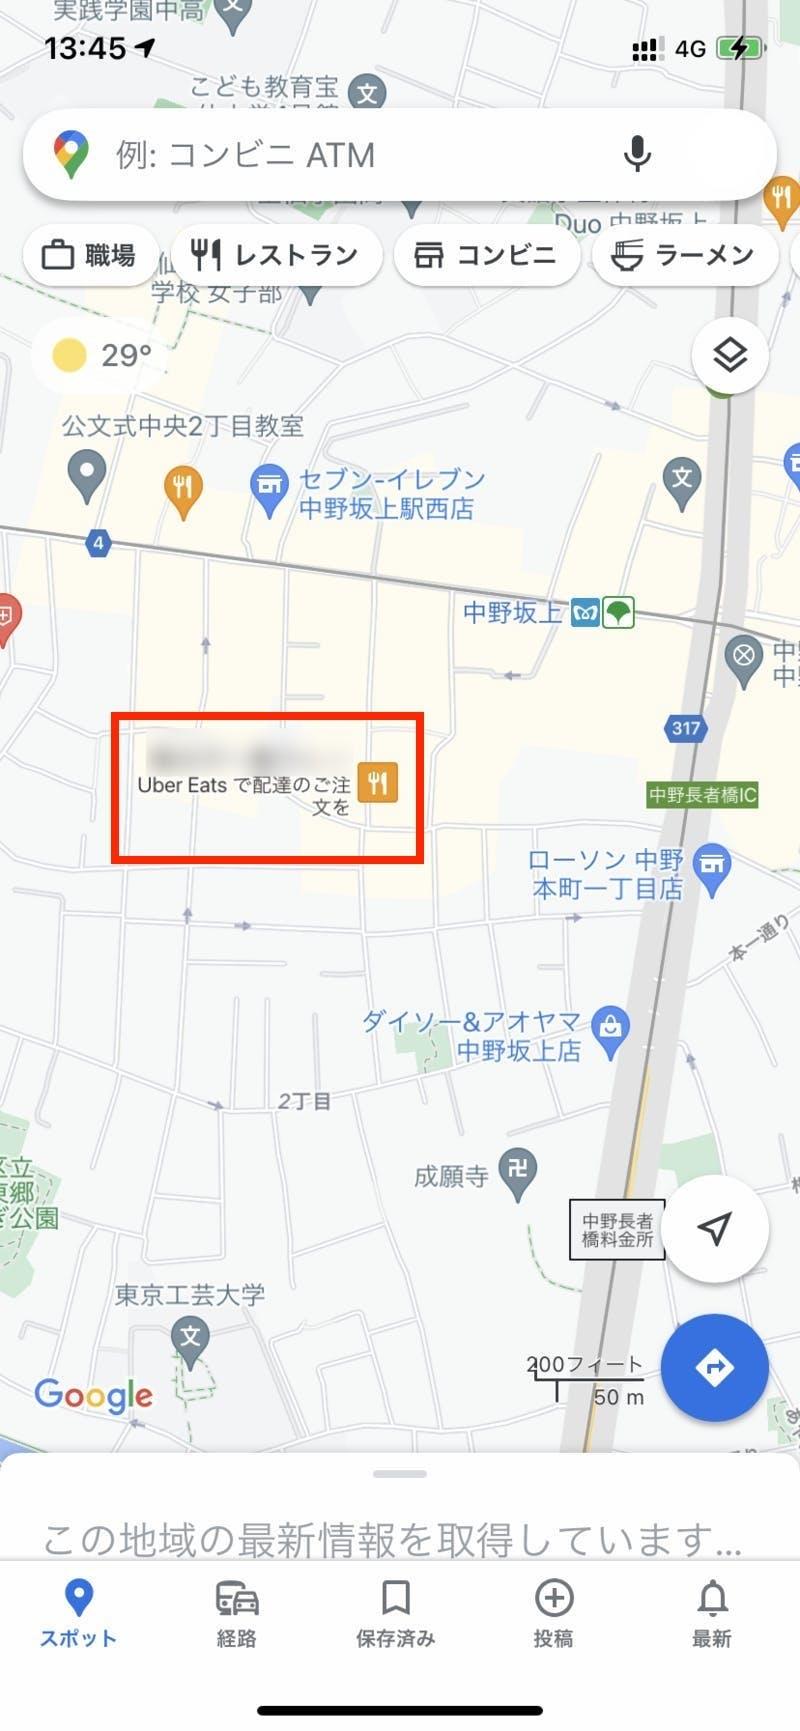 ローカル検索広告により表示される四角いピン